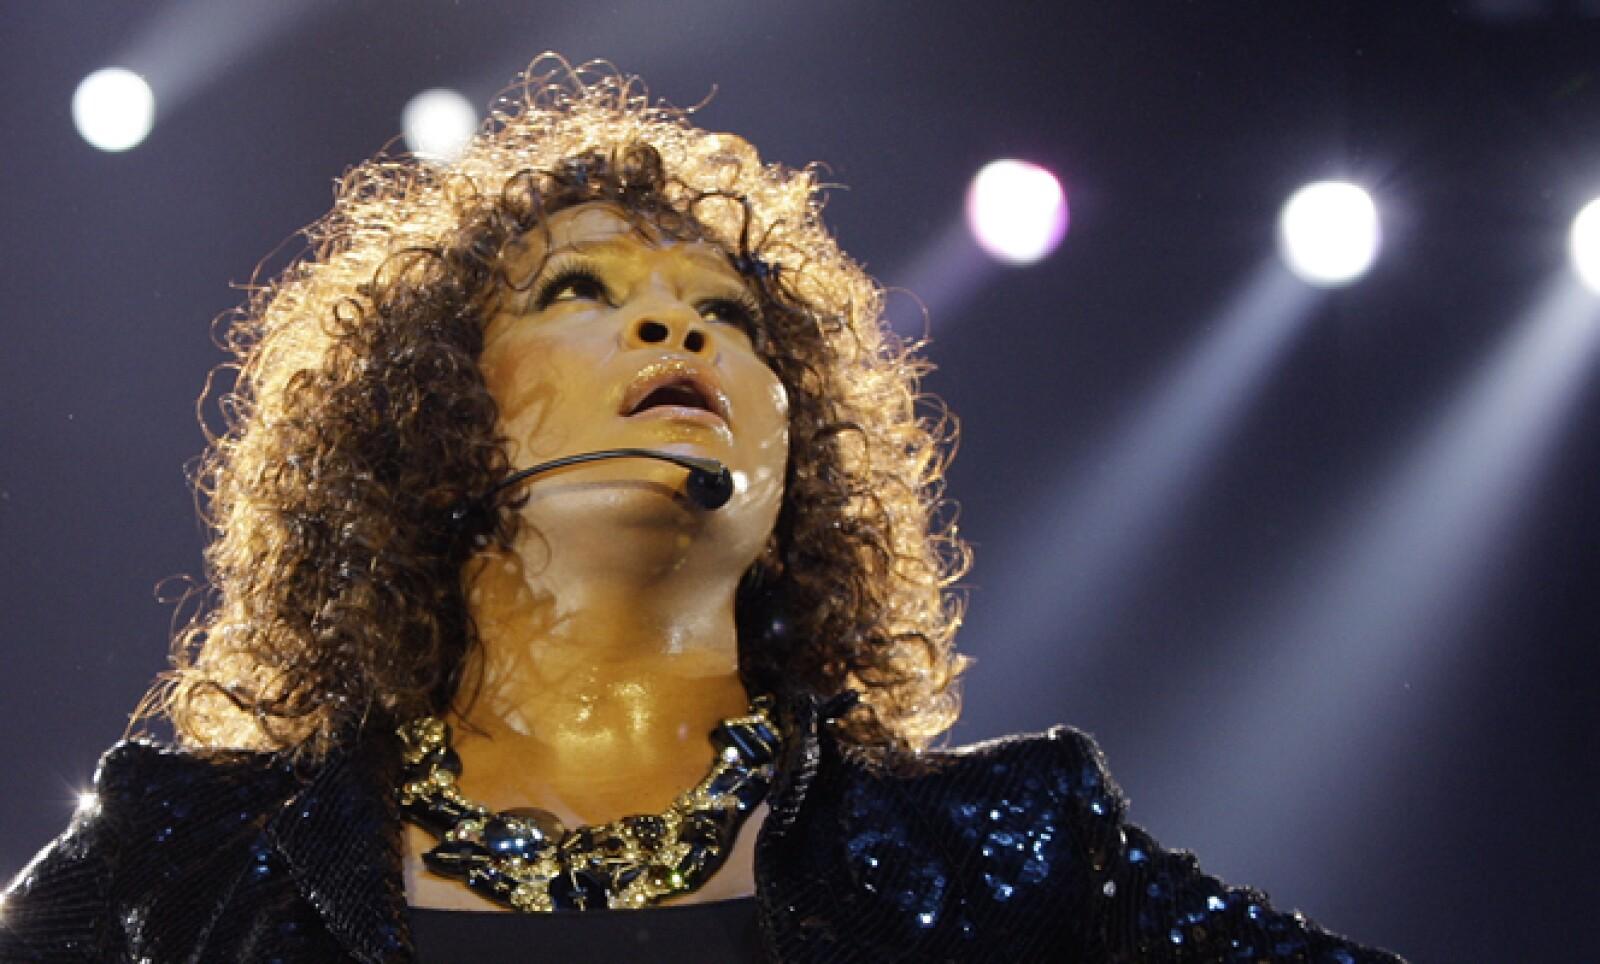 Whitney Houston se ahogó en su bañera el 11 de febrero. Los homenajes a la intérprete de 'I will always love you' no se hicieron esperar.